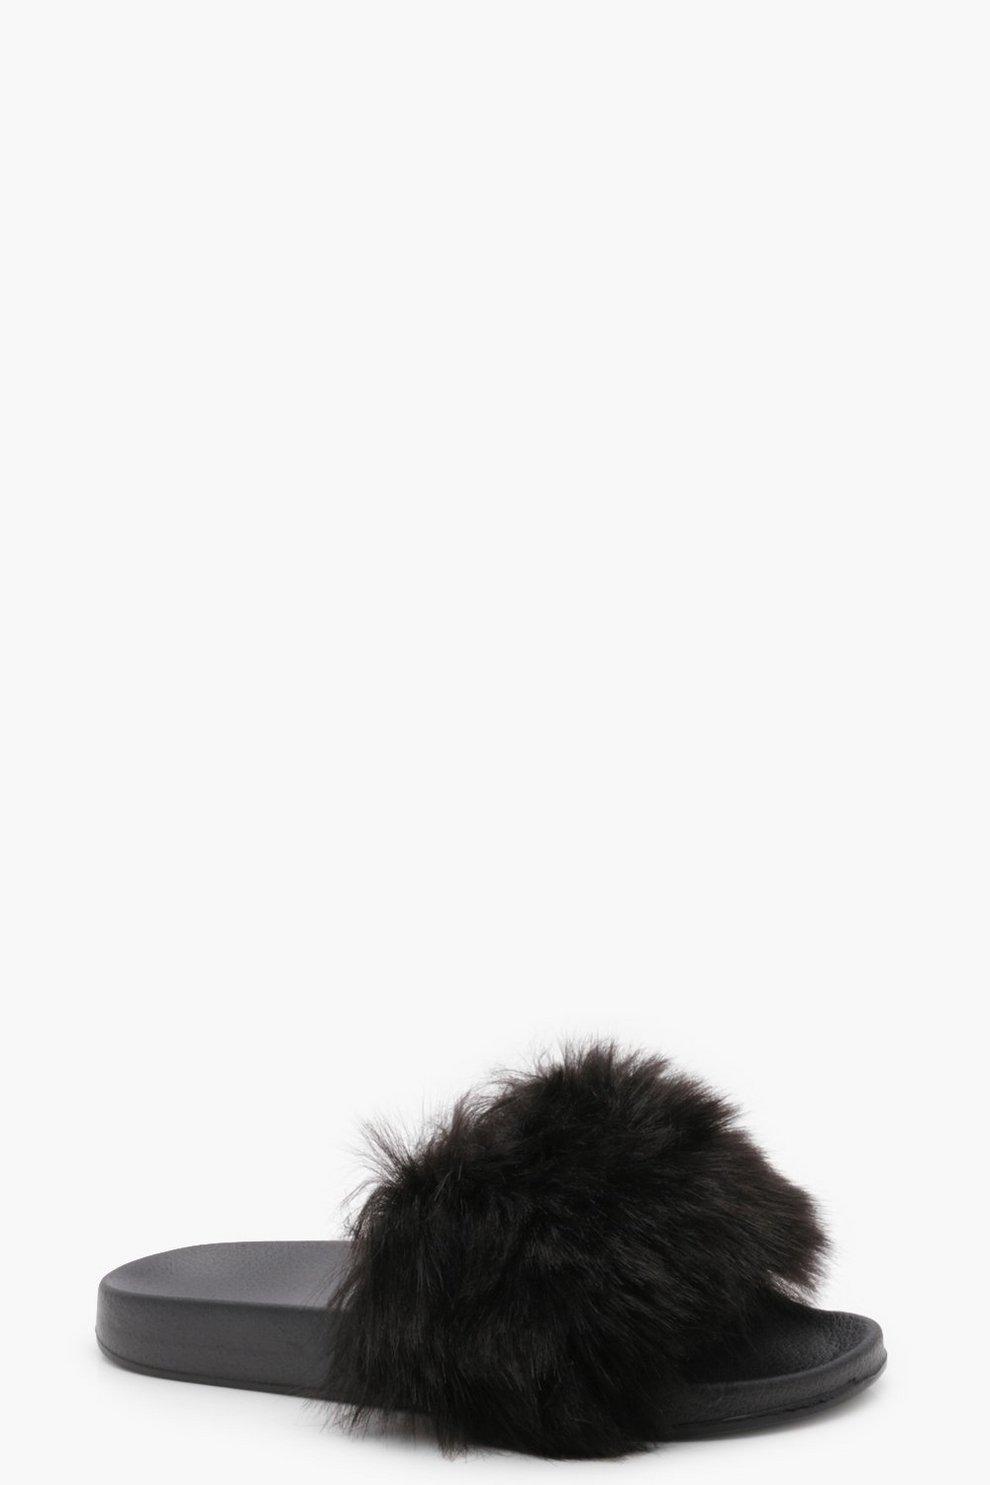 d21a36861140 Faux Fur Sliders